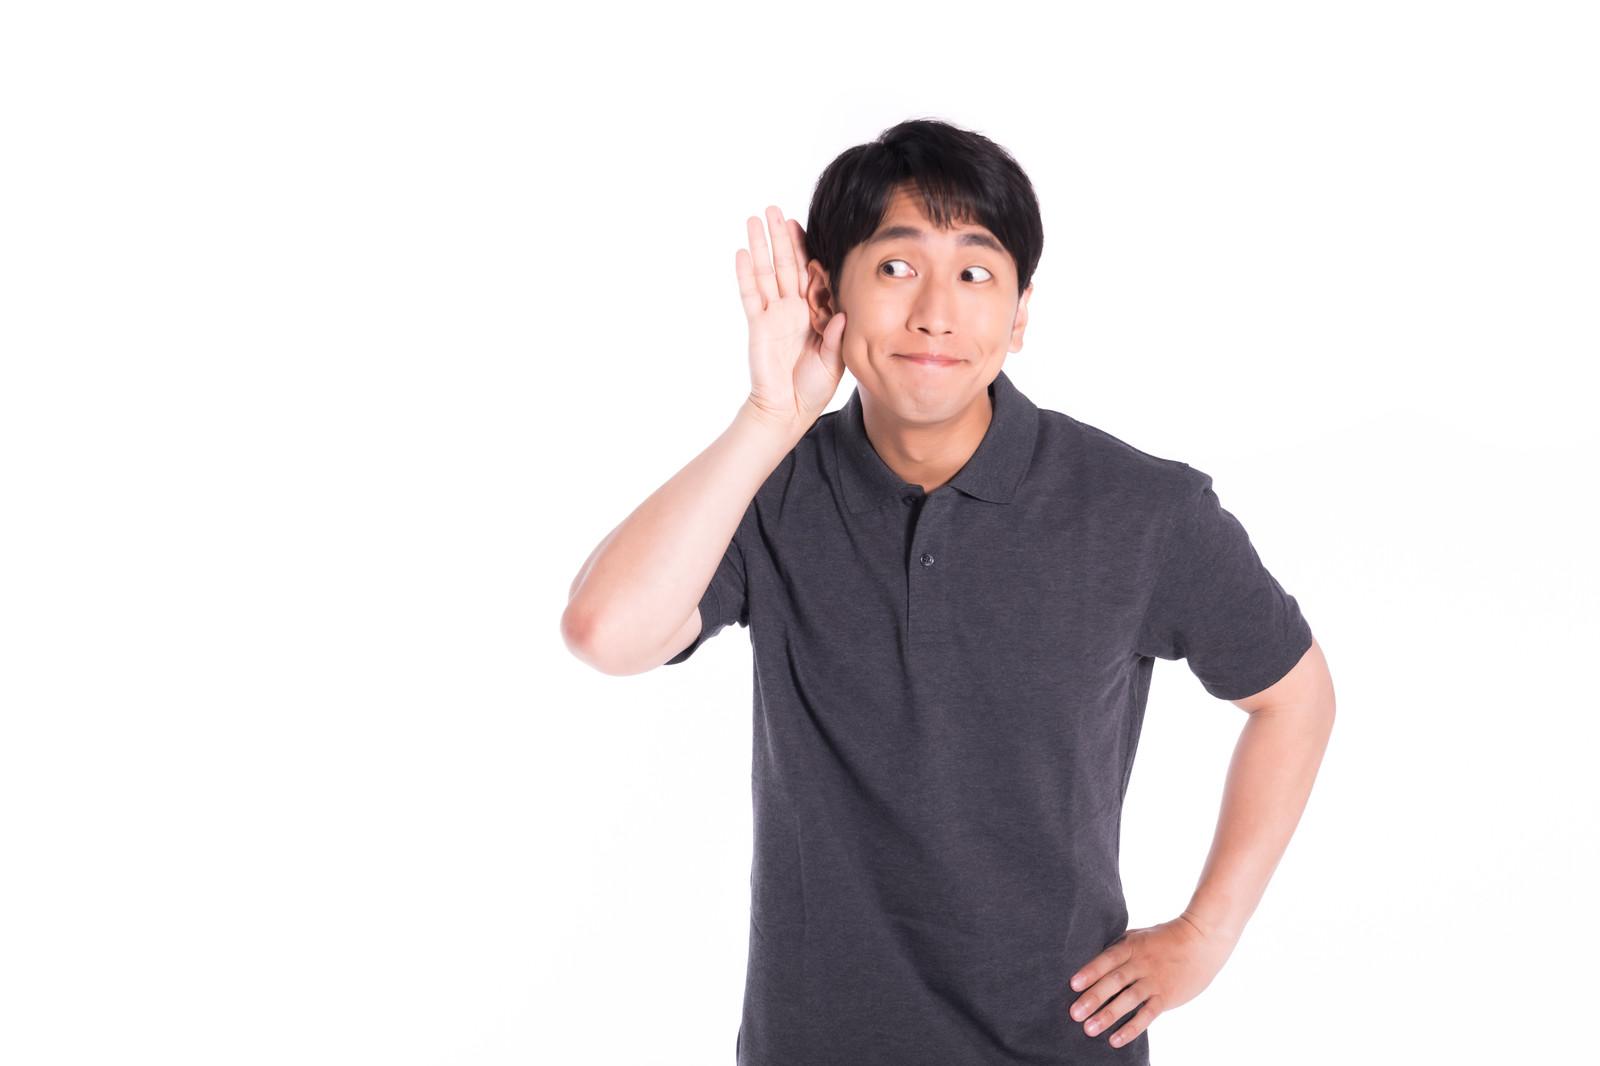 戸田恵梨香&中村倫也のプラスアクトの口コミを紹介!